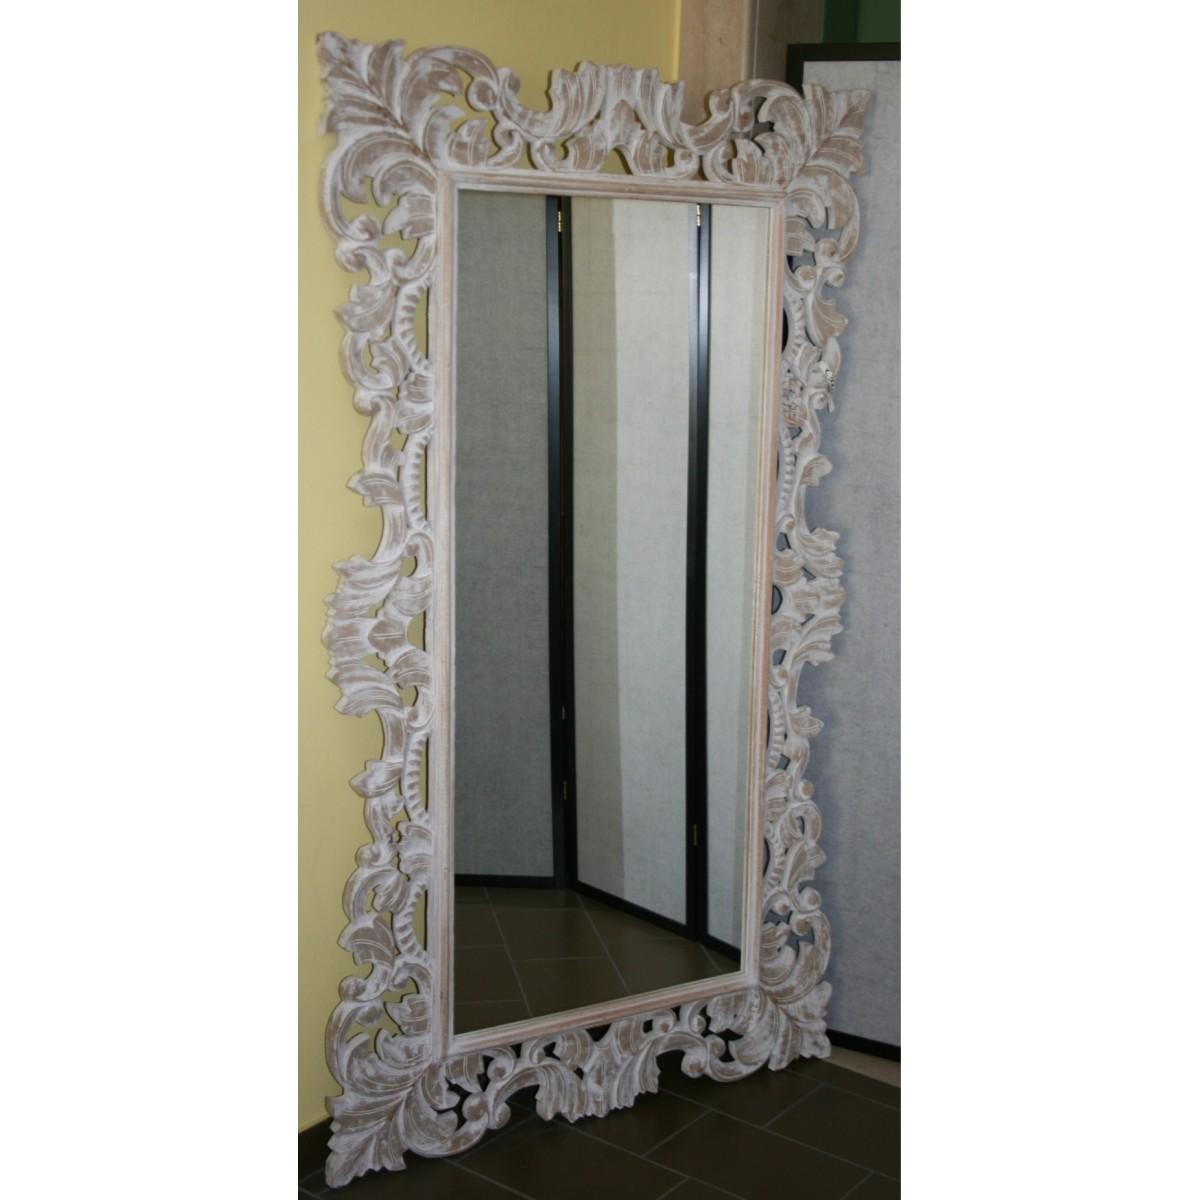 Specchio giada in legno intarsiato decapato bianco for Specchio da terra brico